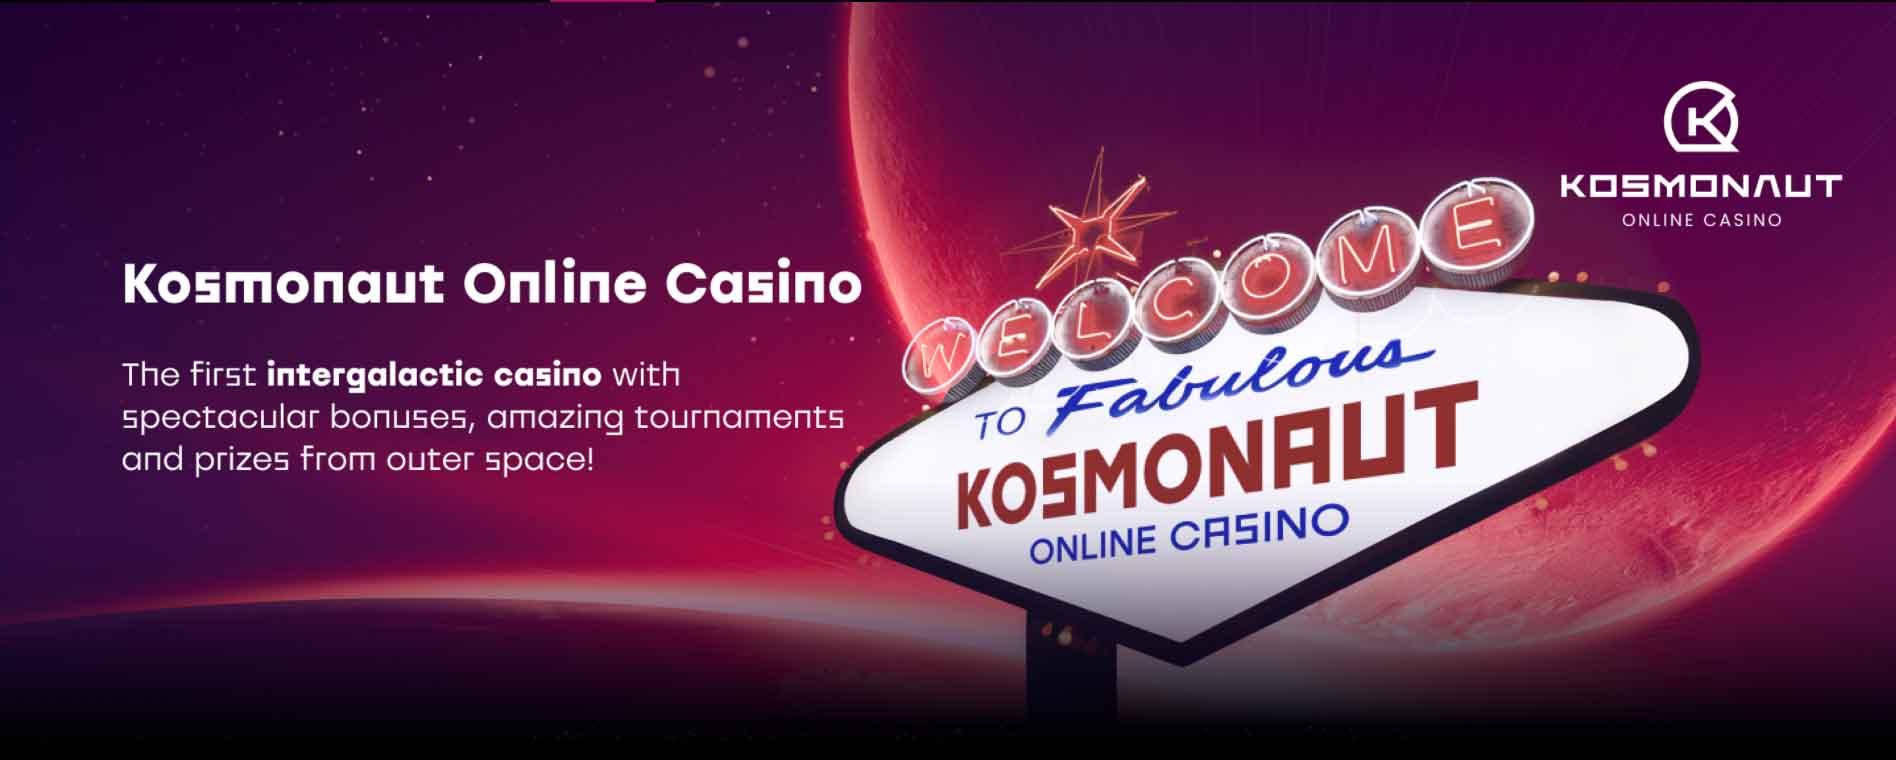 kosmonaut casino review